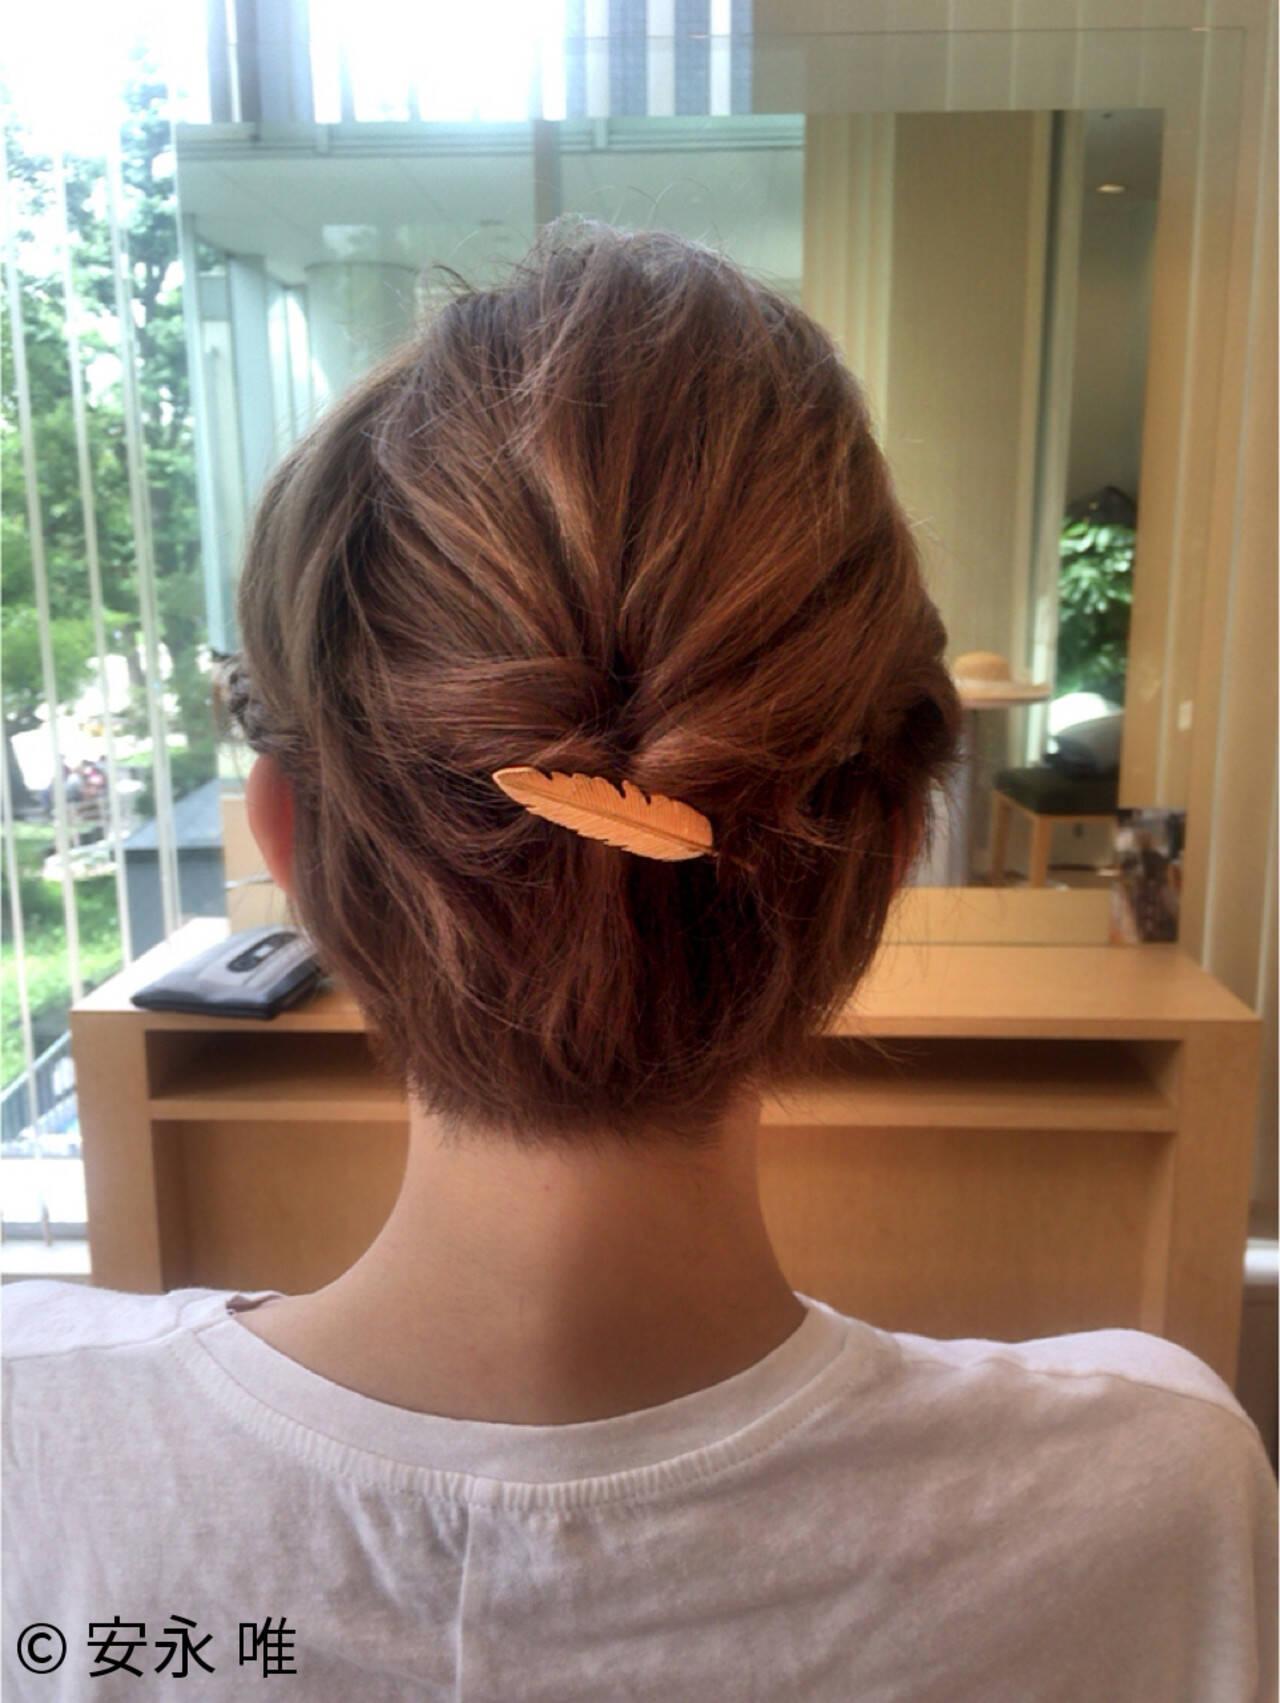 ヘアアレンジ ハイトーン まとめ髪 ショートヘアスタイルや髪型の写真・画像